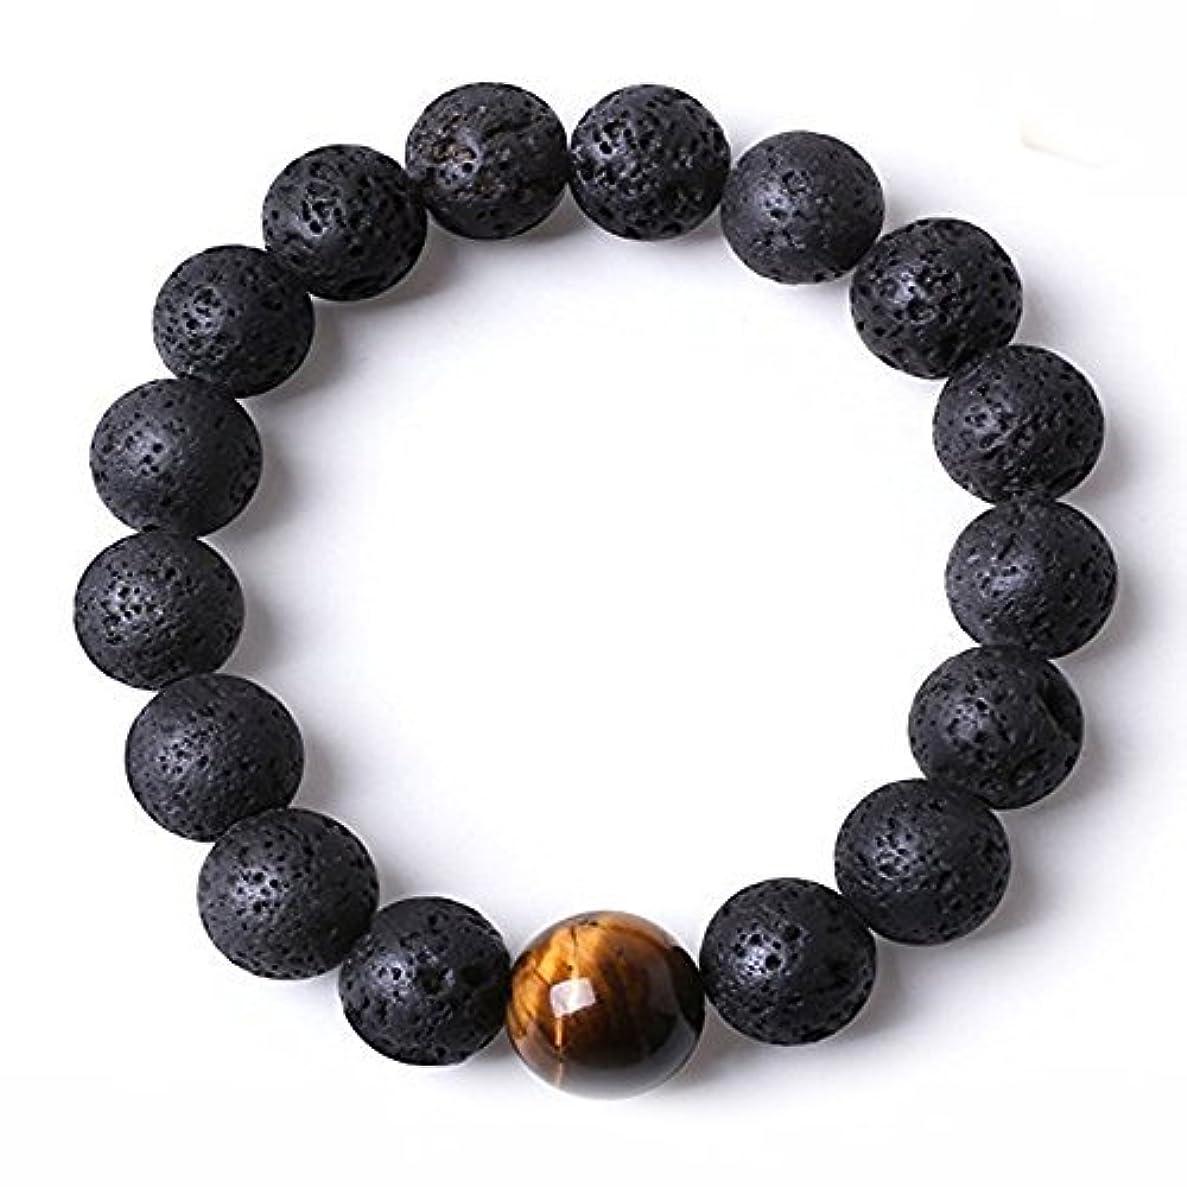 モンゴメリー浮くペルメルDiffuserブレスレットW / 7チャクラLava stones-mens Womens純正のヨガブレスレットヒーリング、アロマセラピー、瞑想、自然、エッセンシャルオイル、自己自信、LoveフリーアロマテラピーBook...